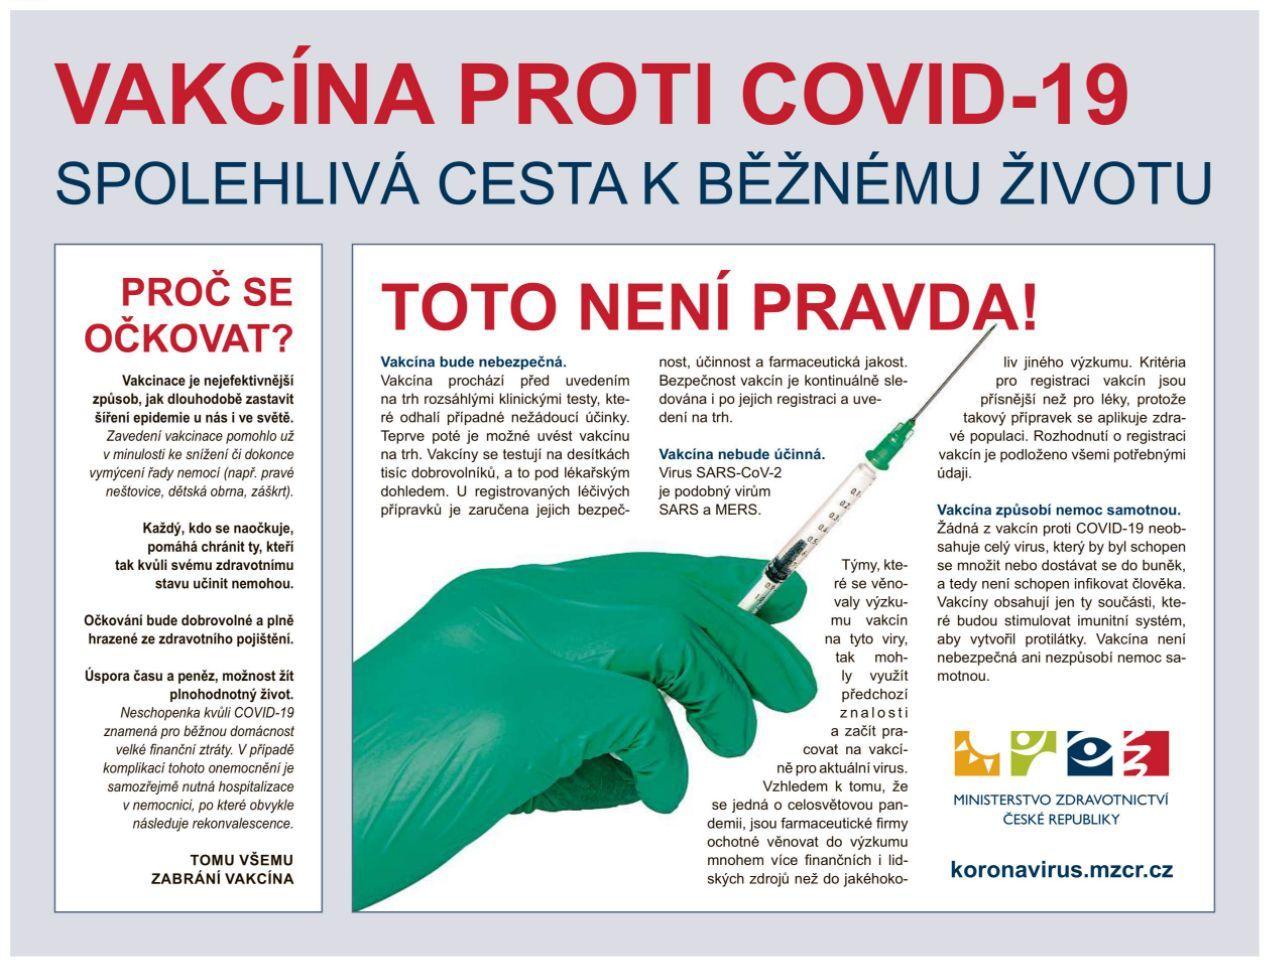 Inzerát o očkování je katastrofální, sežeňte si marketéry, kritizuje Babiš  ministra - Aktuálně.cz